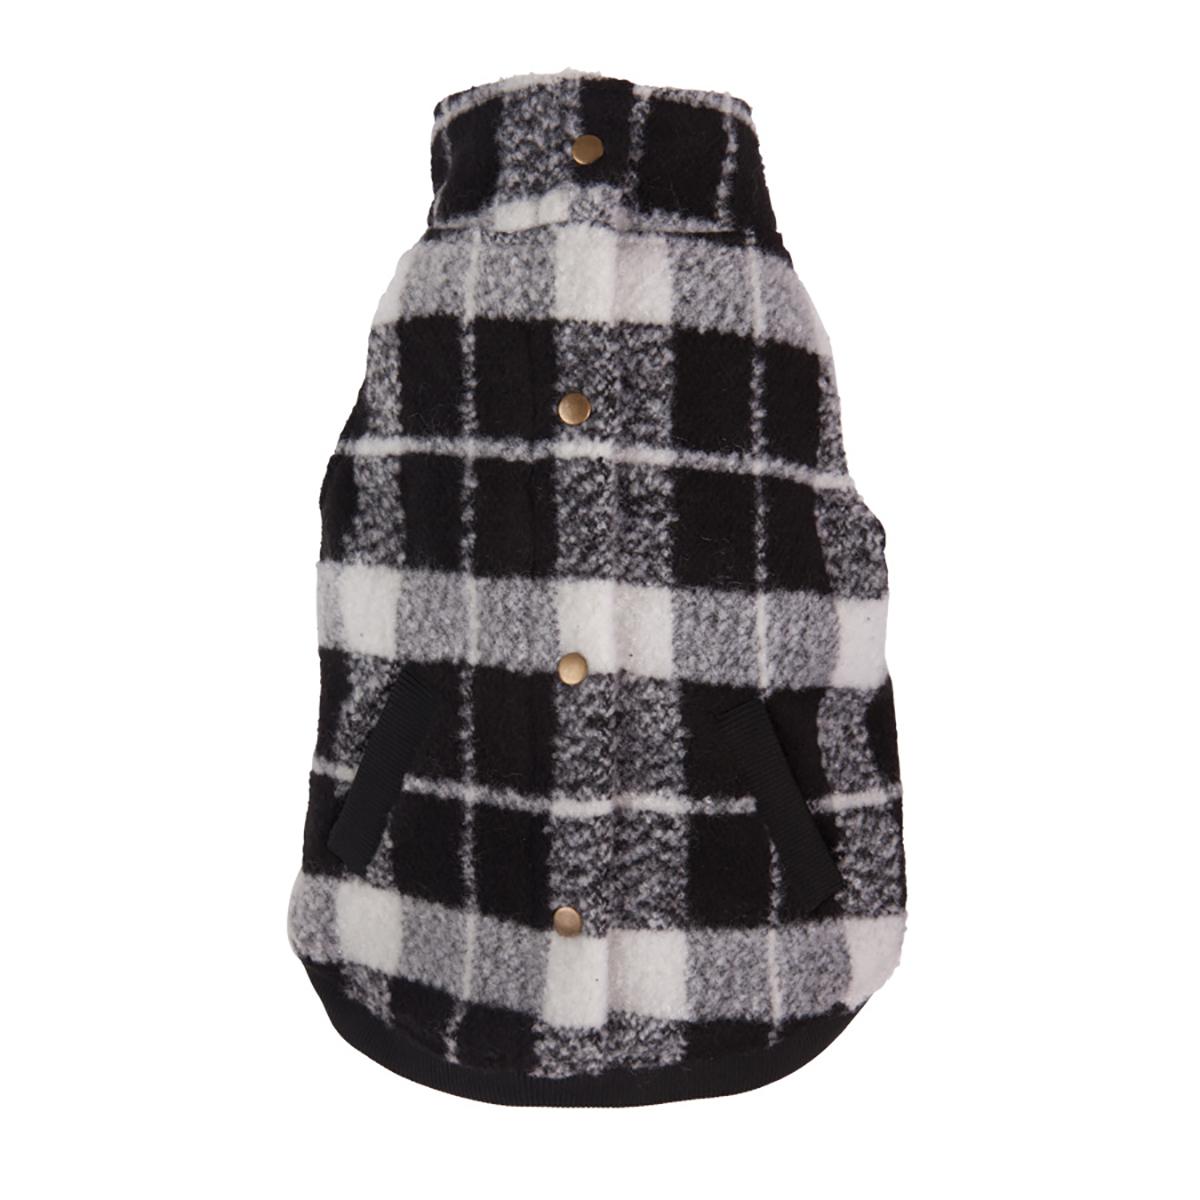 Plaid Boucle Dog Jacket - Black and White